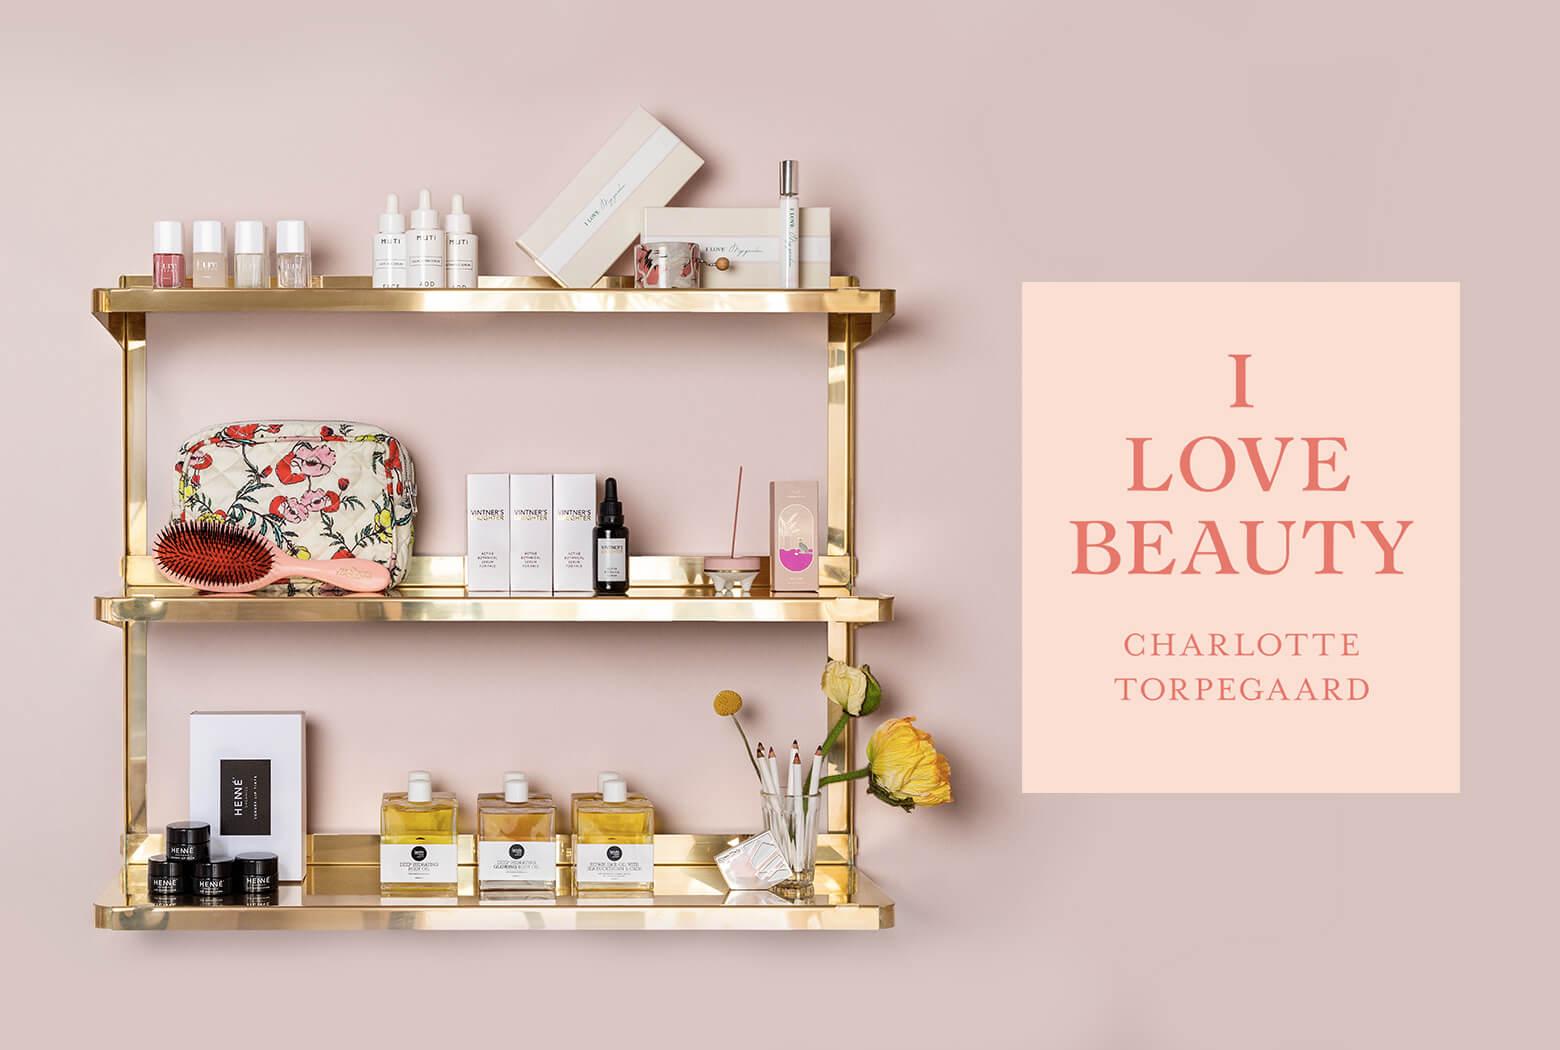 Chanel Lucia Pica